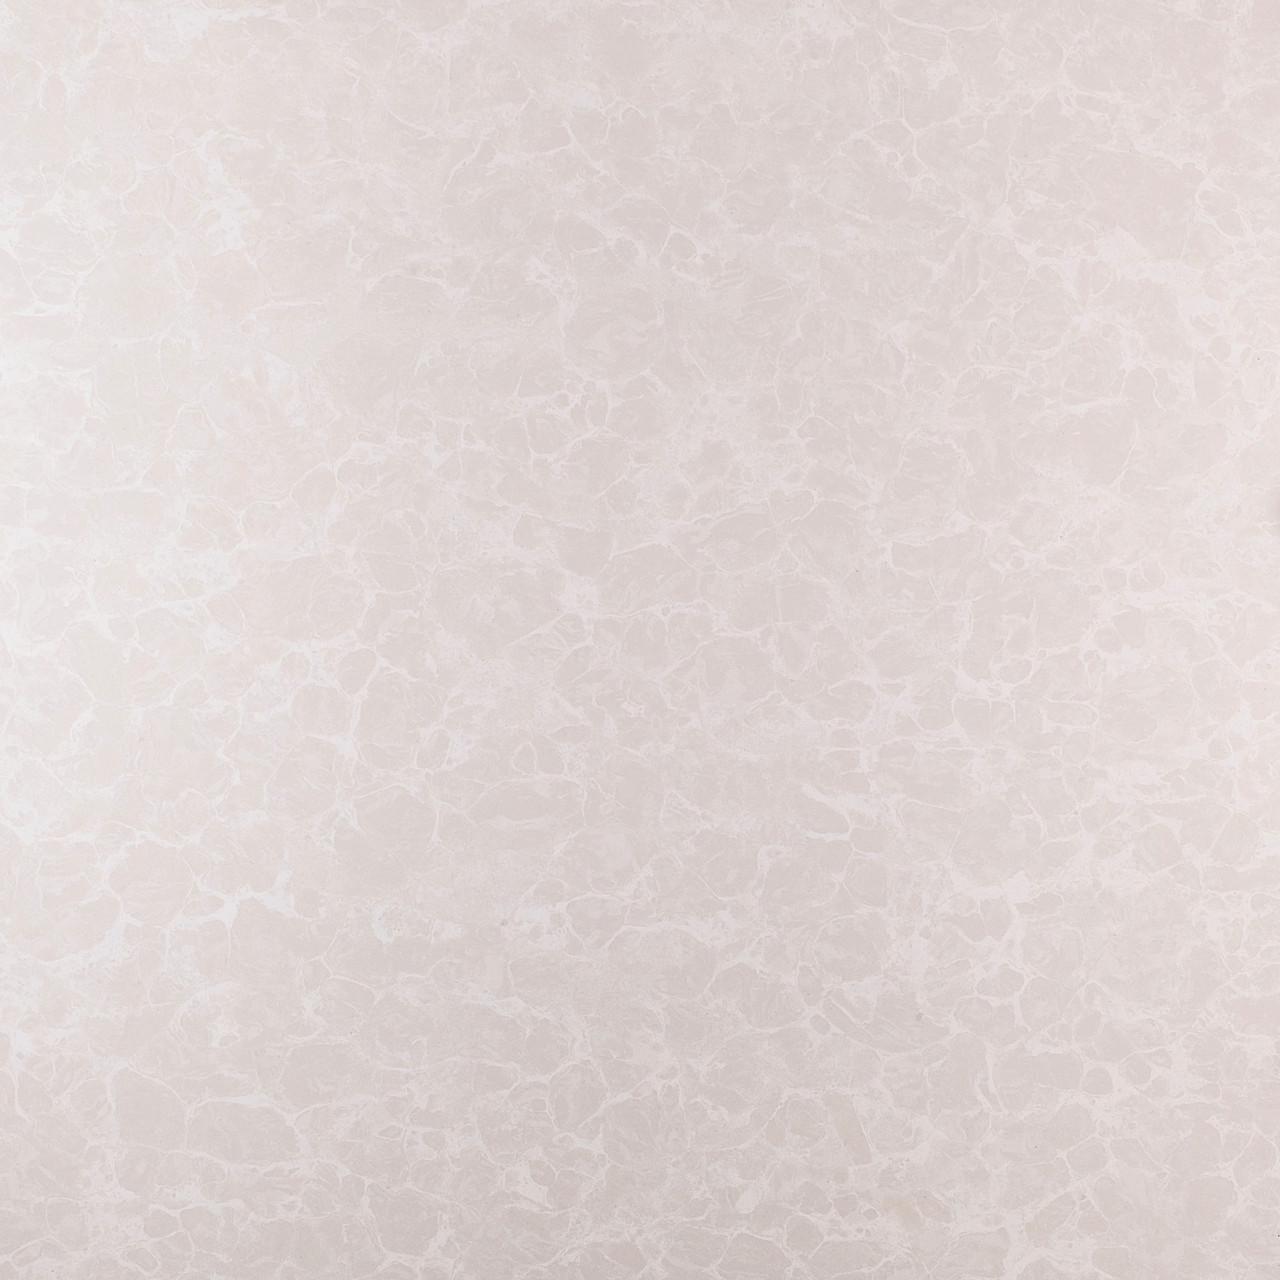 Керамогранит Pulati светлый 60x60